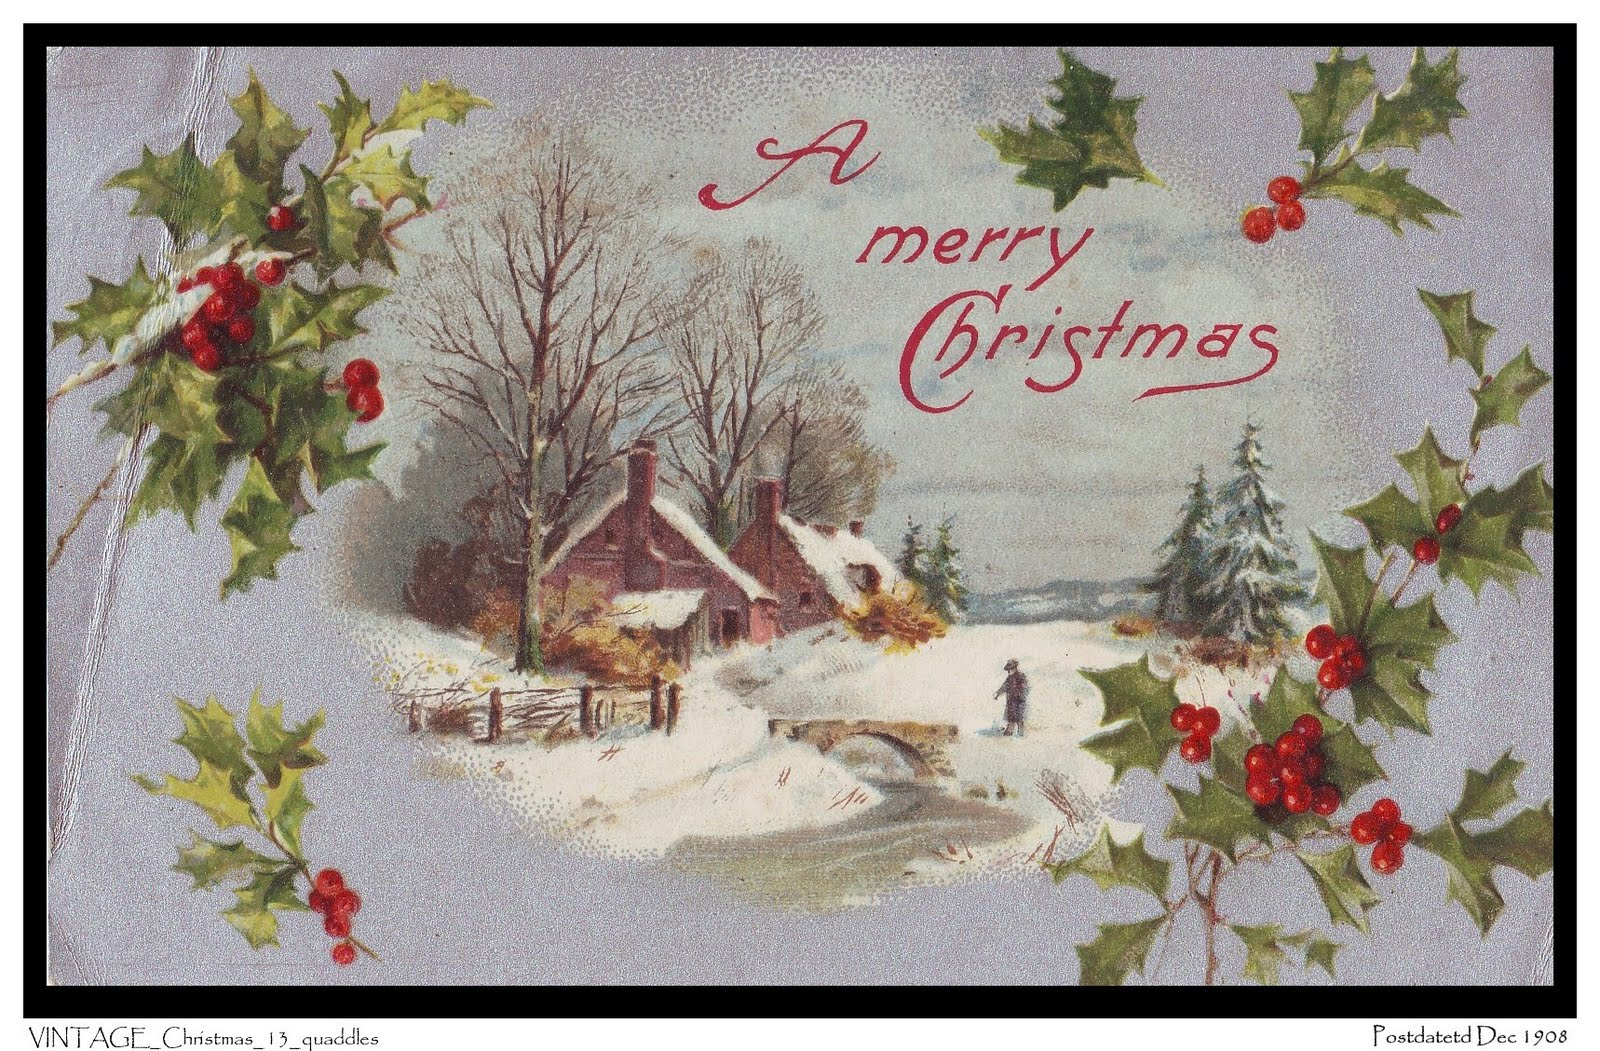 http://2.bp.blogspot.com/-9detQbS23SM/Tt4x3-e-7MI/AAAAAAAABOo/UomwcOlr6dw/s1600/Vintage-Christmas-Desktop-Wallpapers.jpg